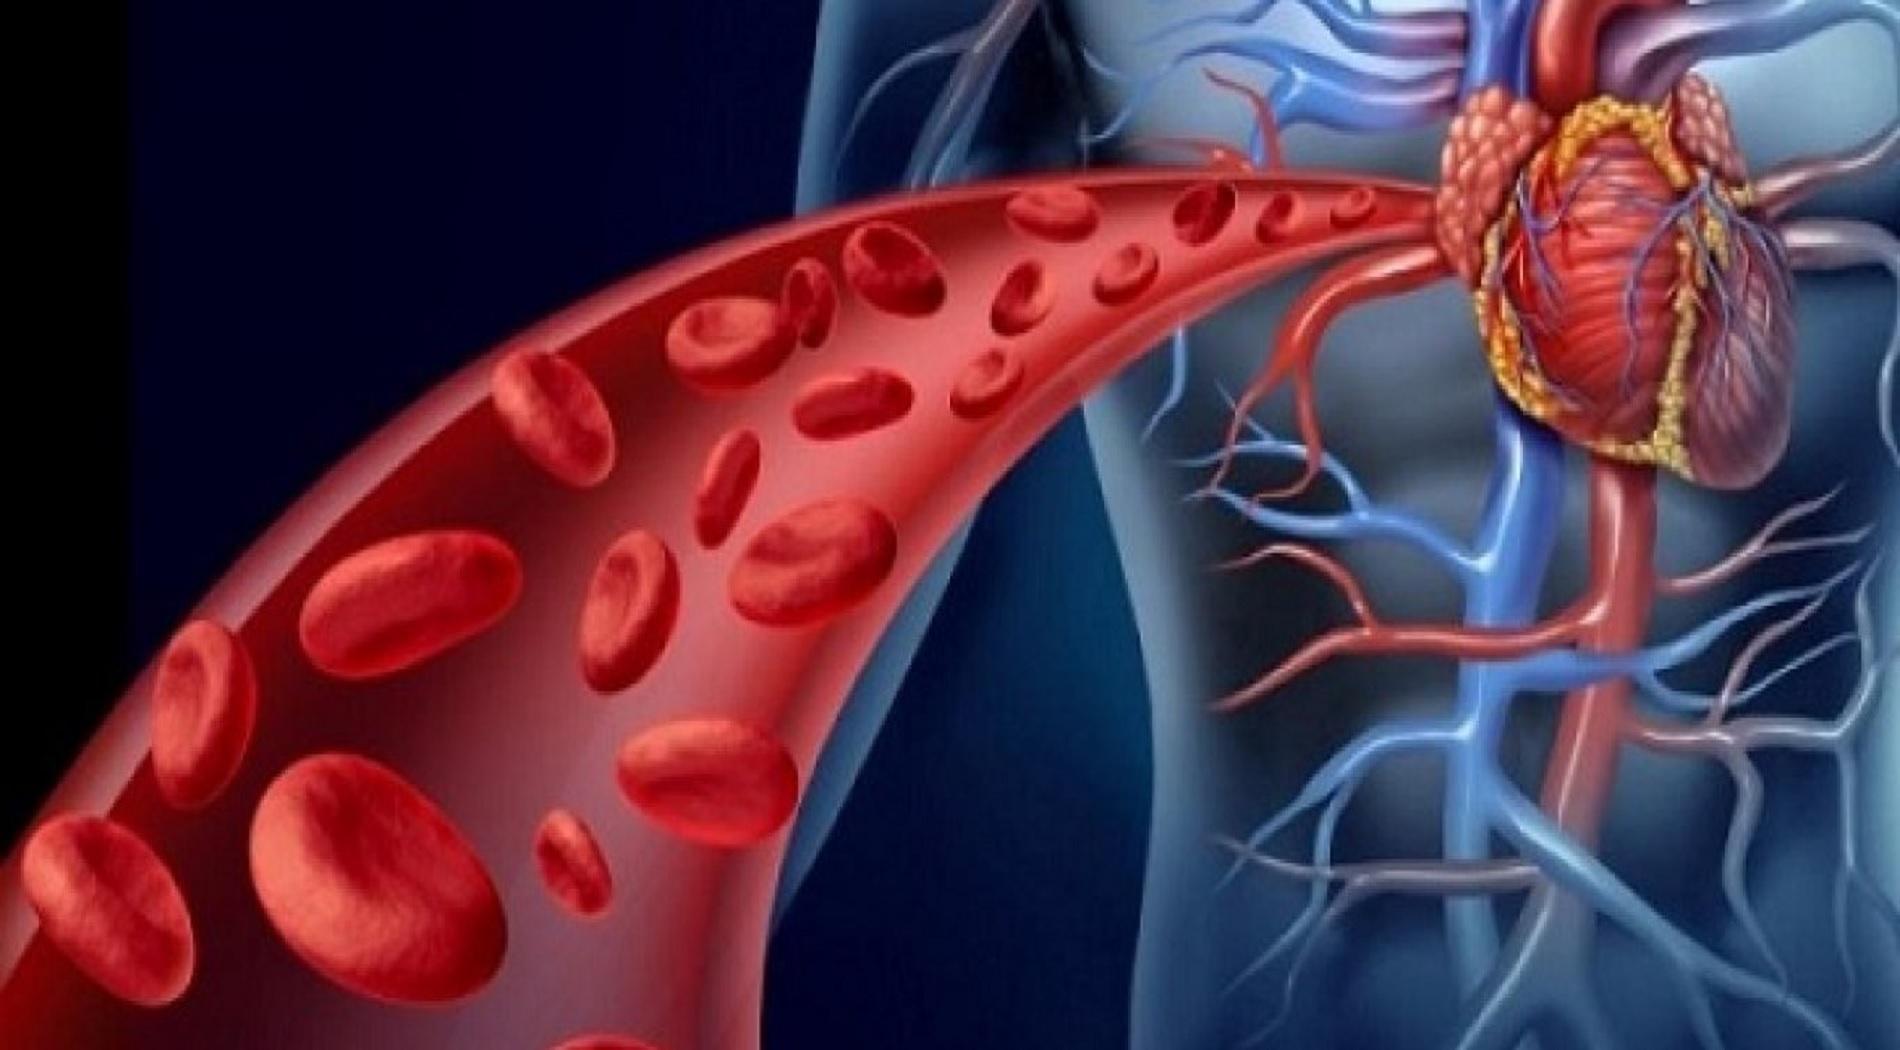 Κίνδυνος εμφάνισης καρδιαγγειακής νόσου λόγω διαταραχής βιολογικού ρολογιού